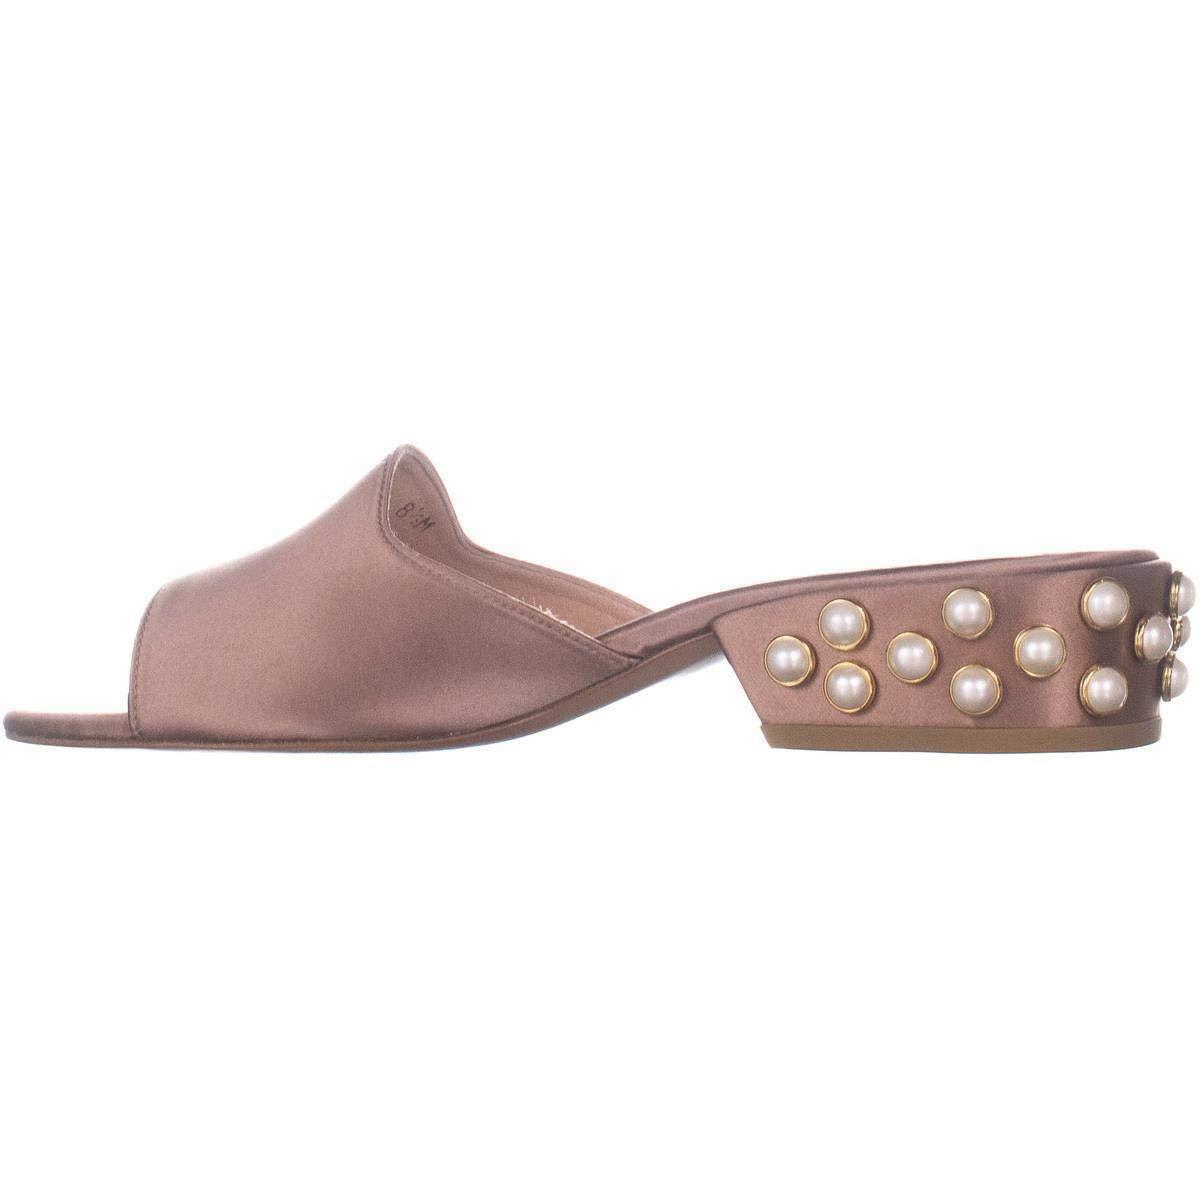 Stuart Weitzman Sliderpearl Studded Heel Slide Sandals 7 US Adobe